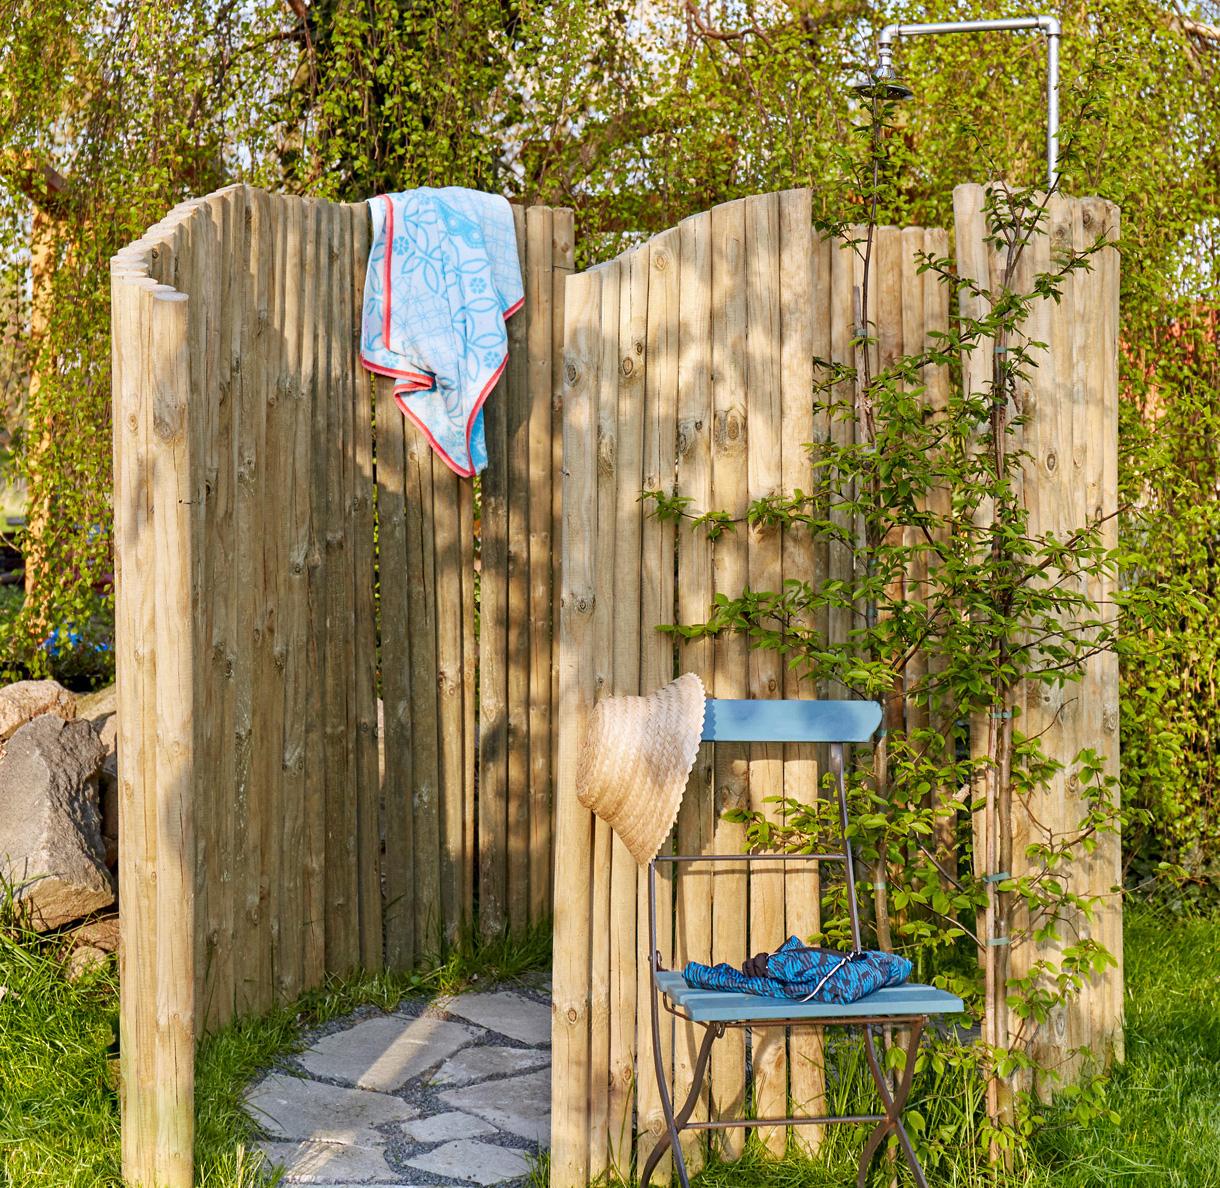 Créer Une Douche D'extérieur - Détente Jardin intérieur Douche Extérieure Piscine